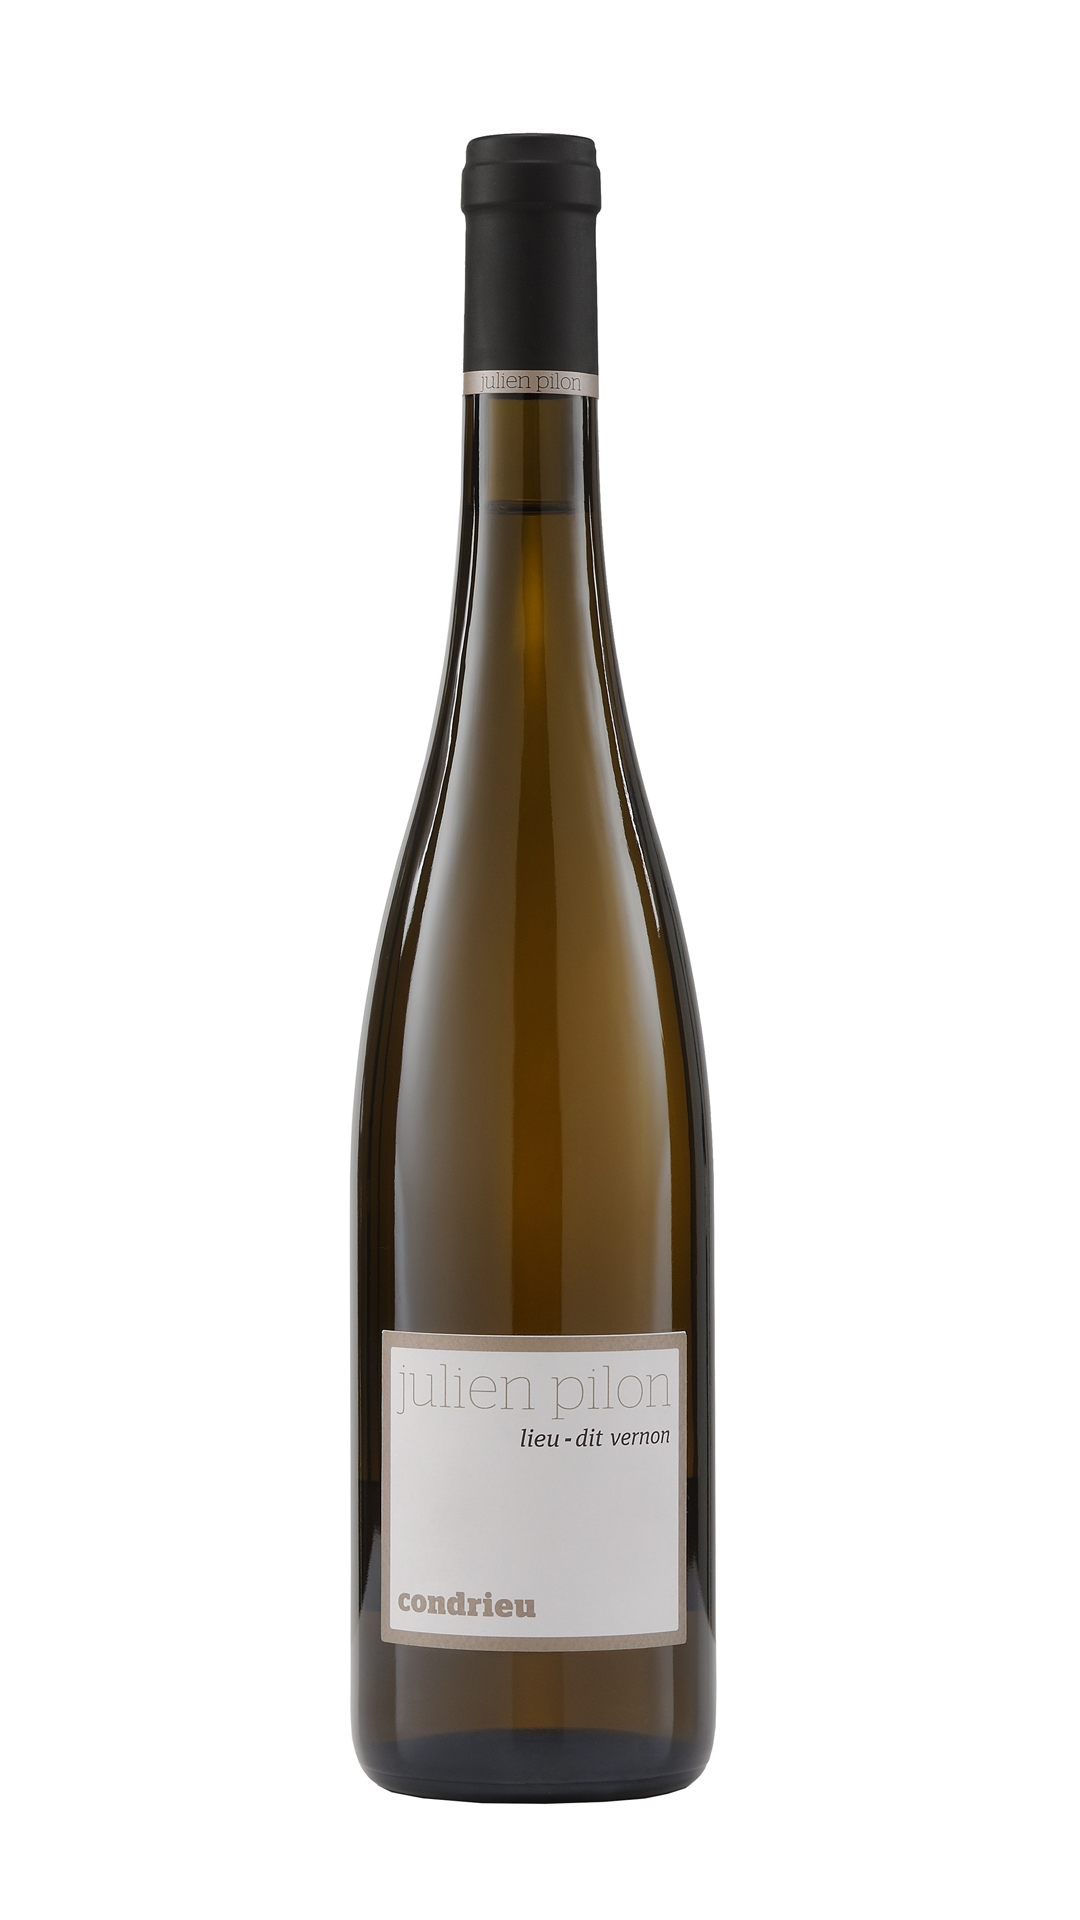 Cuvée AOC Condrieu lieu-dit Vernon vin blanc